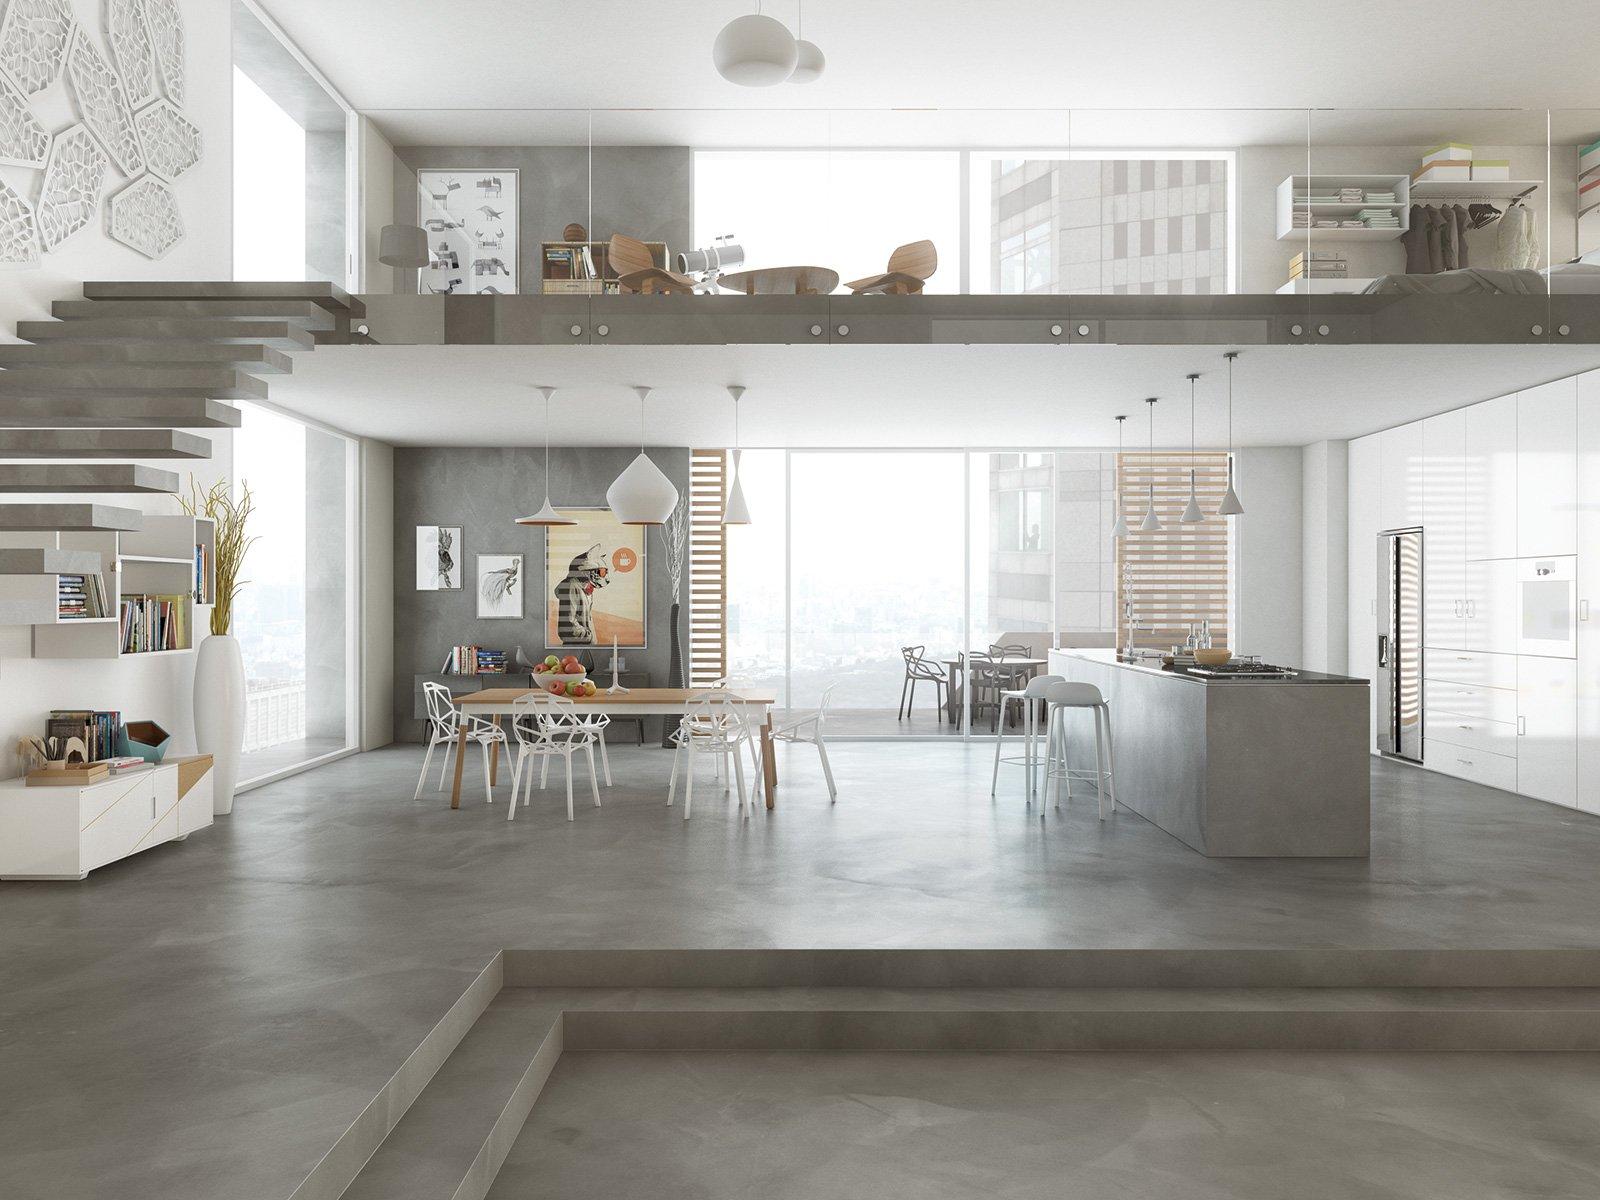 Resina rivestimenti per pavimenti pareti piani di for Piani casa ultra contemporanei